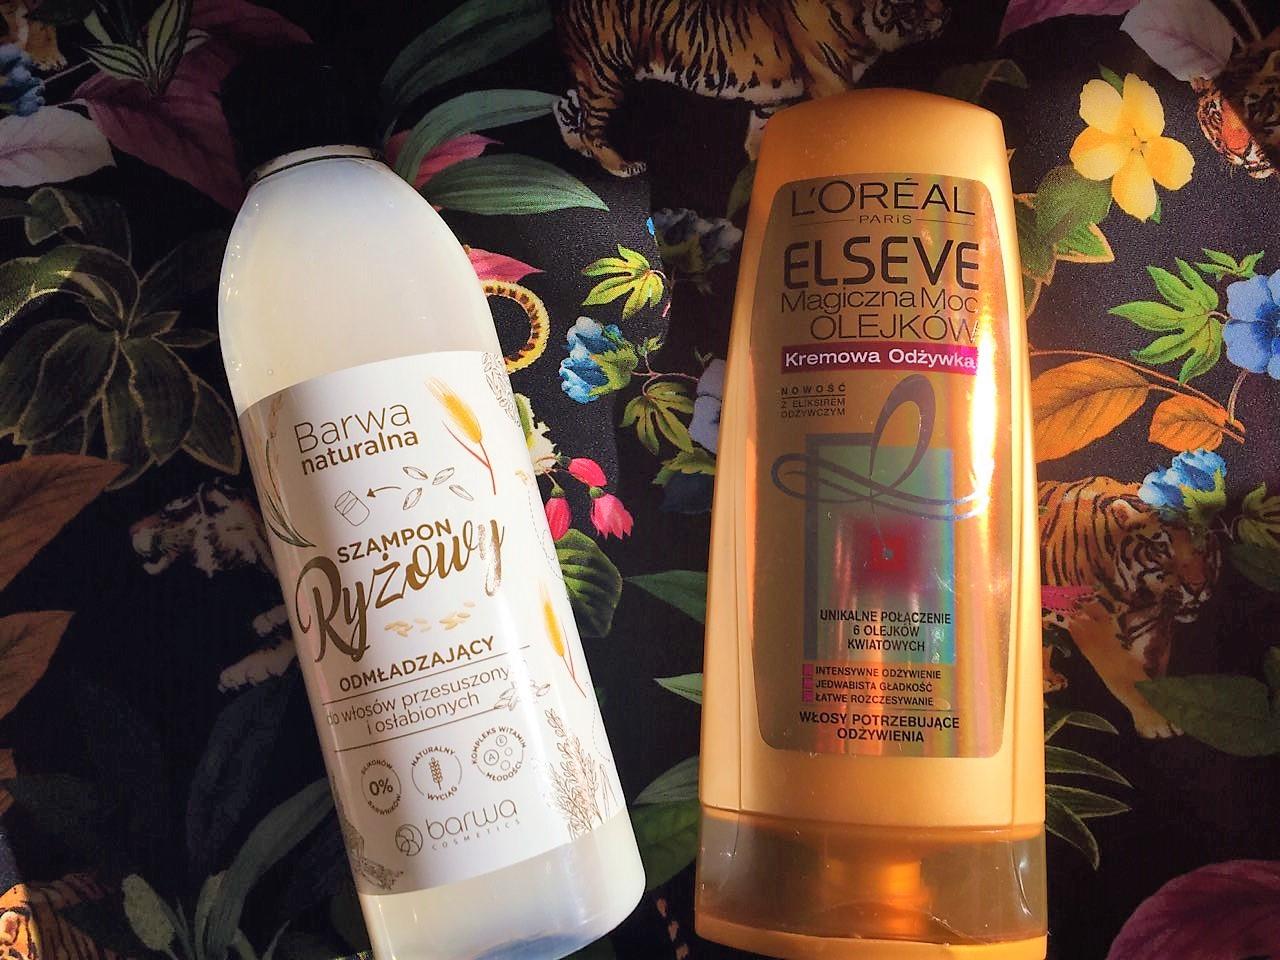 Zgrany duet: Odmładzający szampon ryżowy Barwa Naturalna i odżywka L'Oréal Elseve